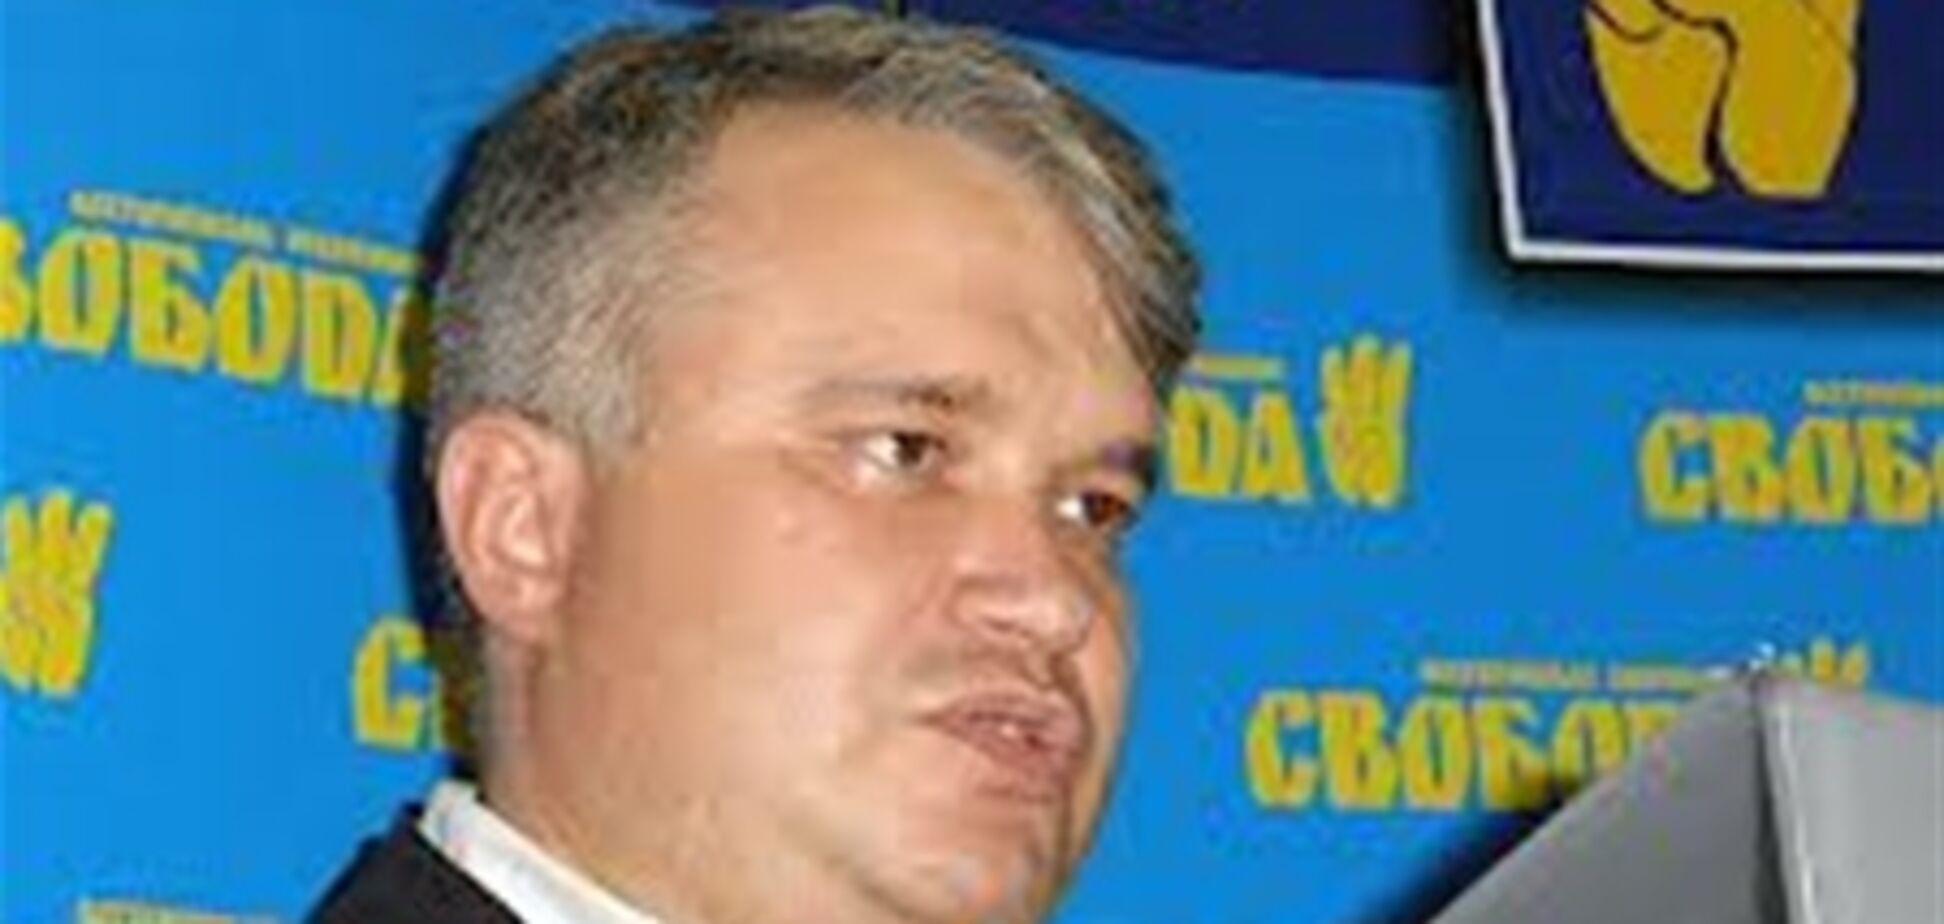 Свободівці хочуть бачити в органах влади тільки українців